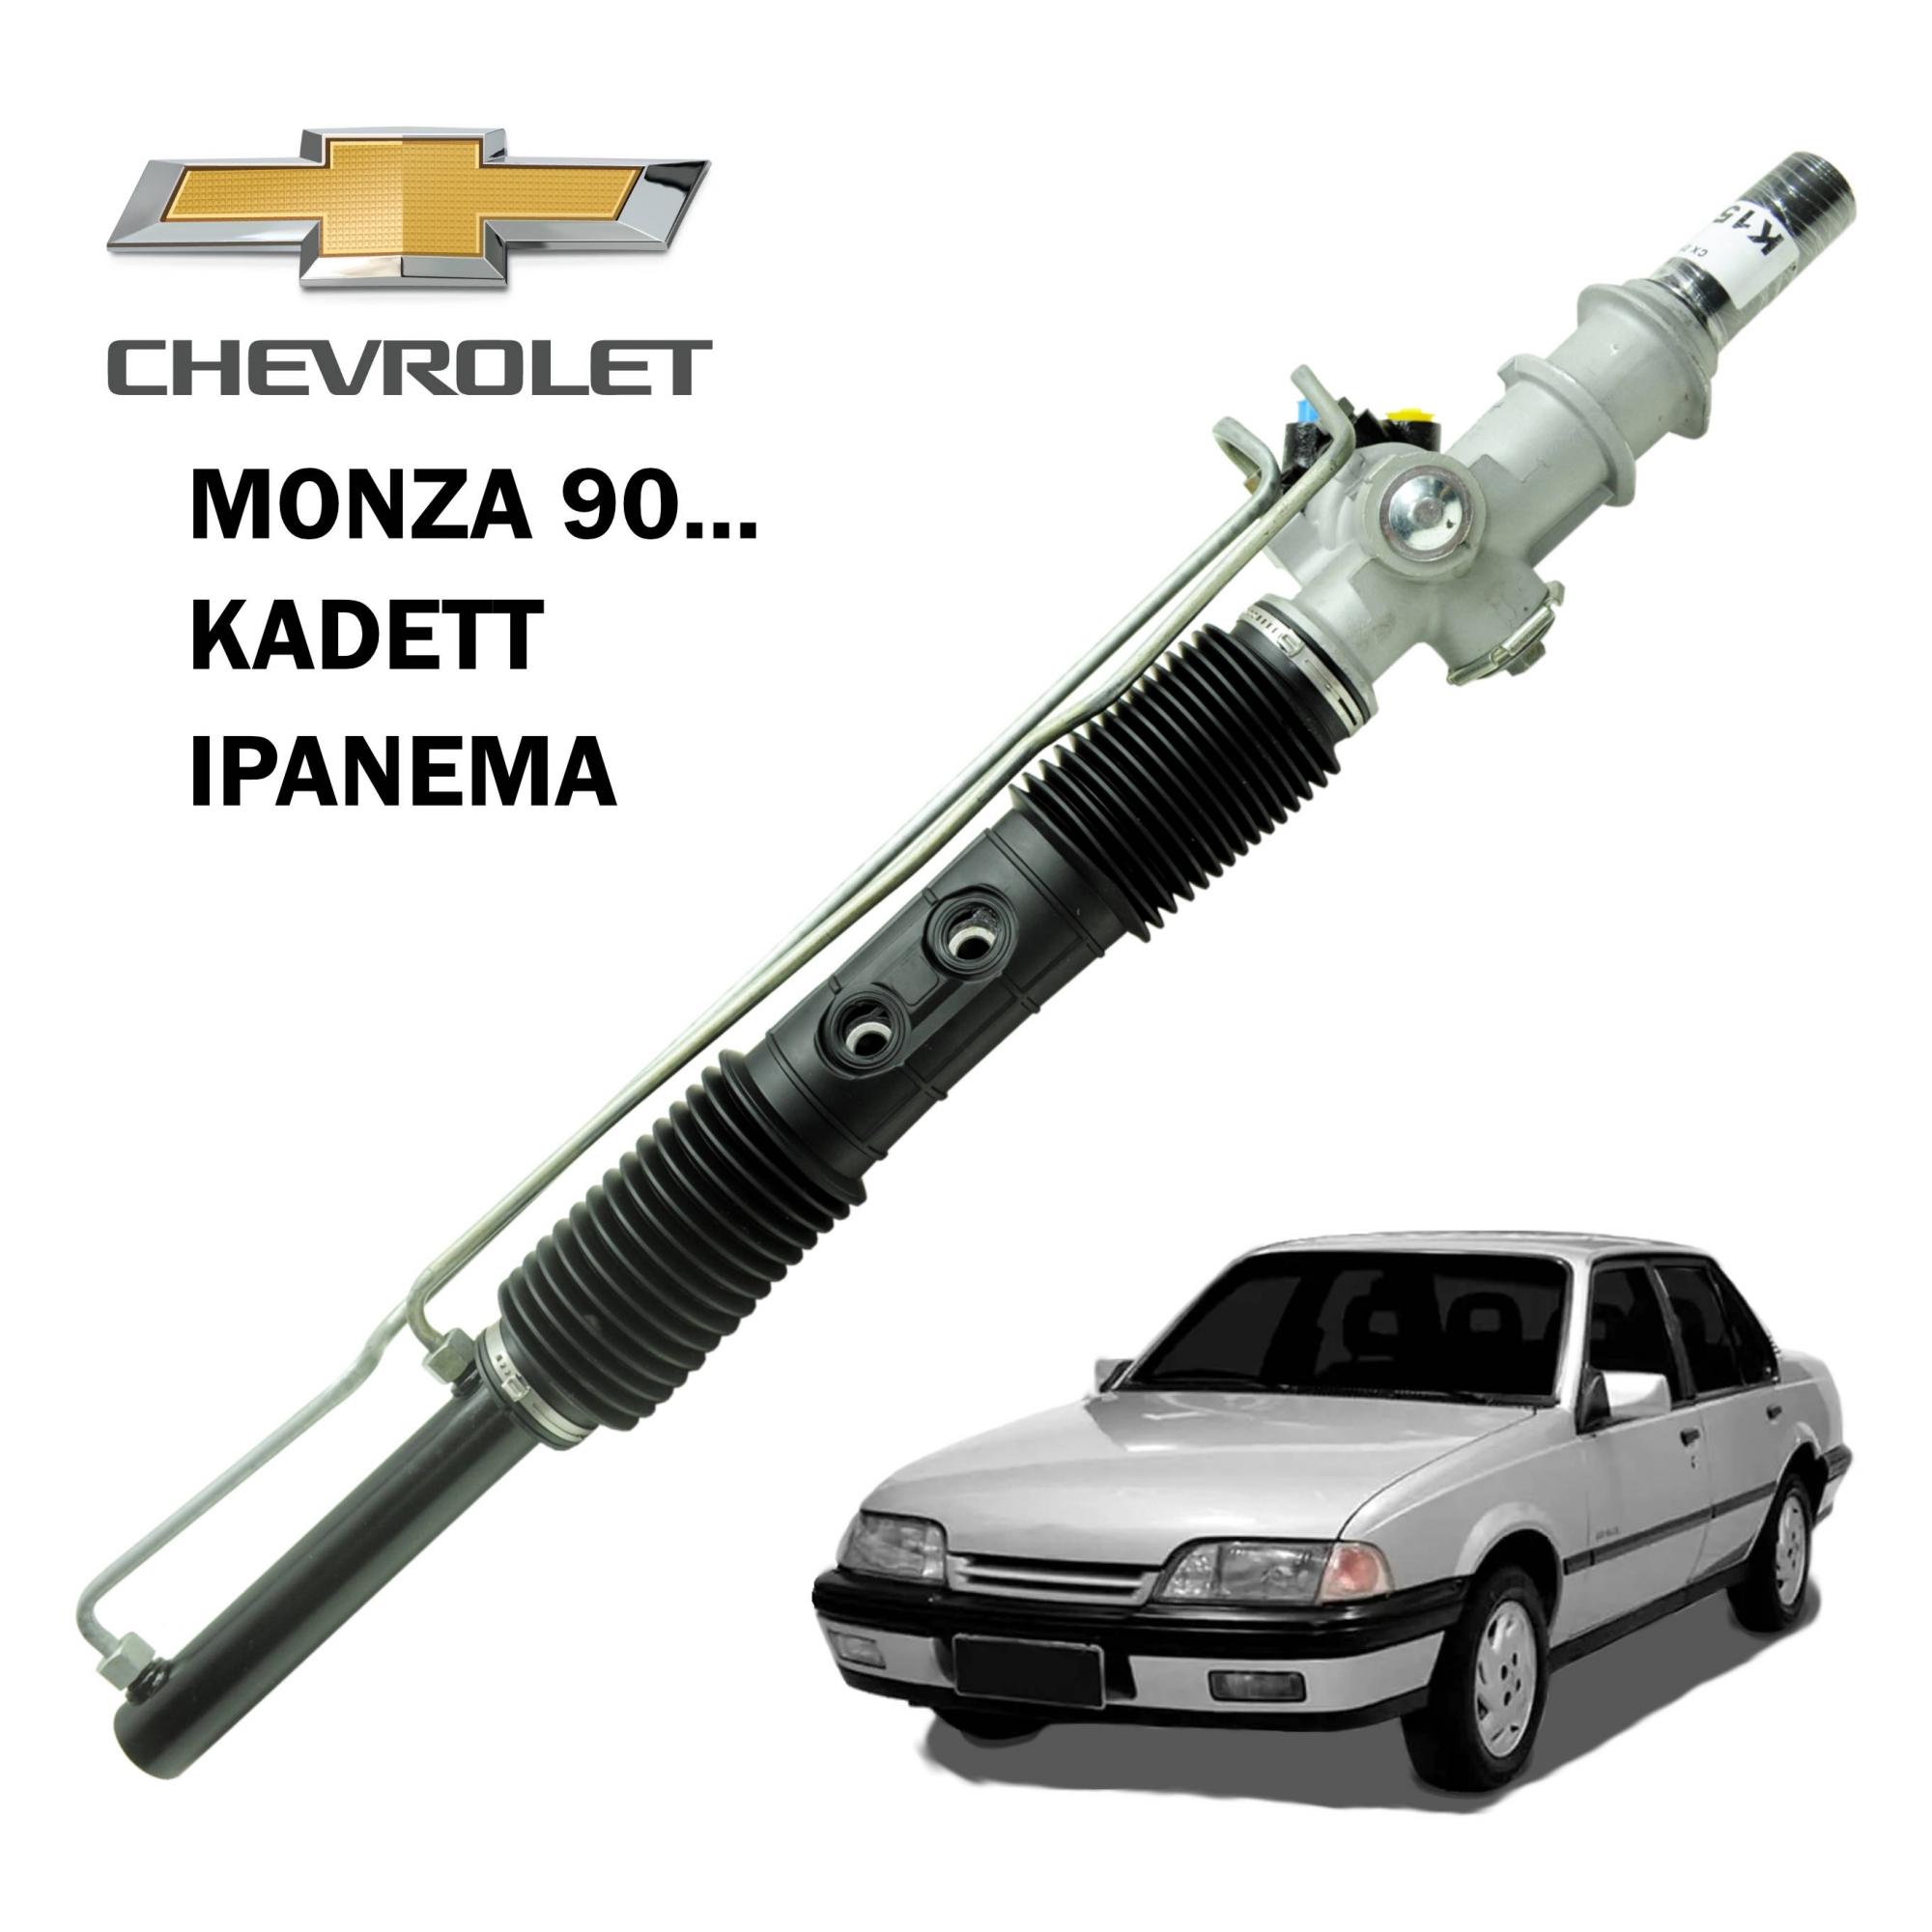 Caixa Direção Hidráulica DHB Monza 90..., Ipanema Kadett